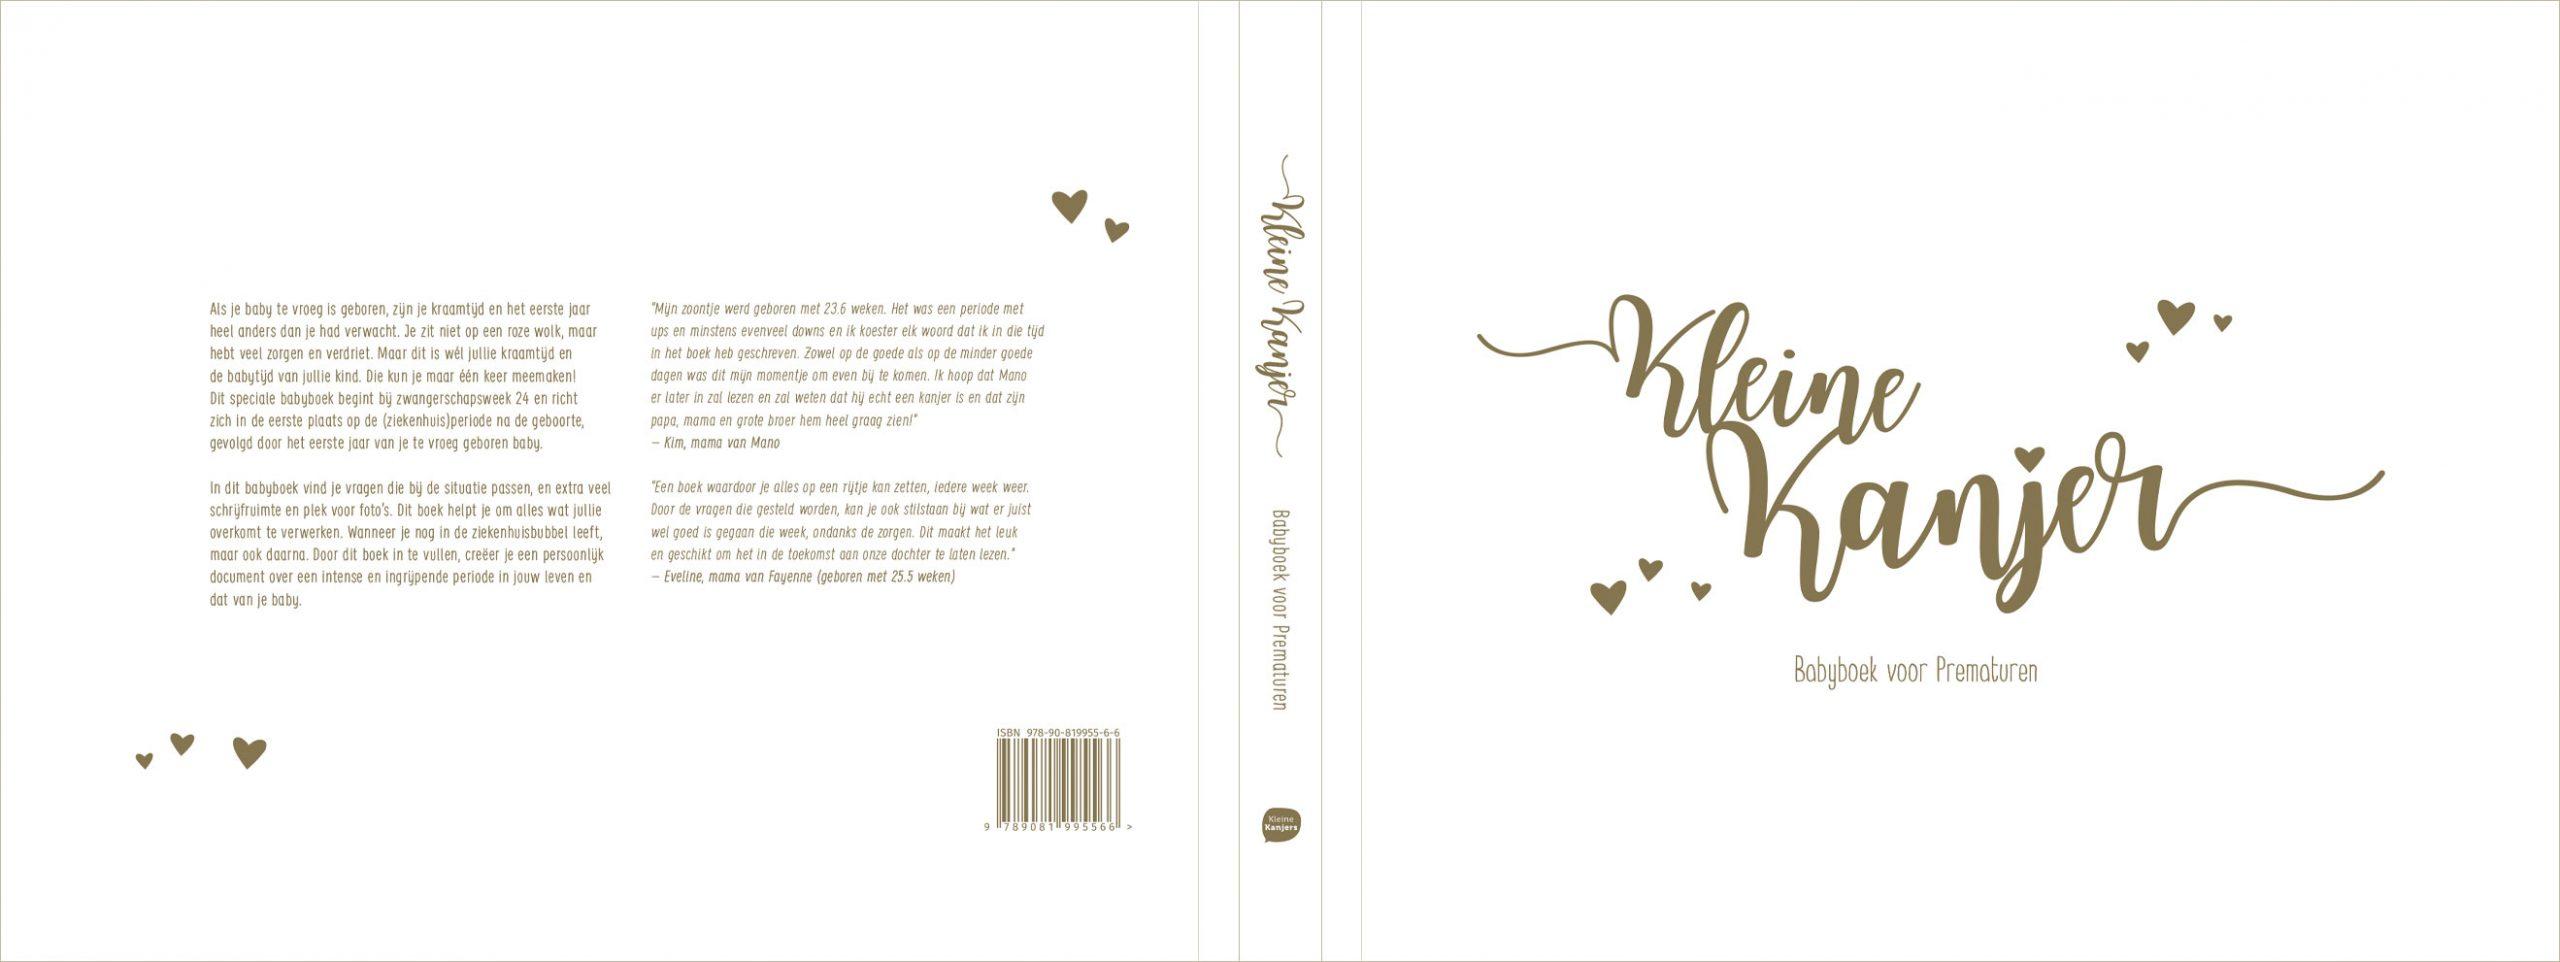 Babyboek voor Prematuren druk 4